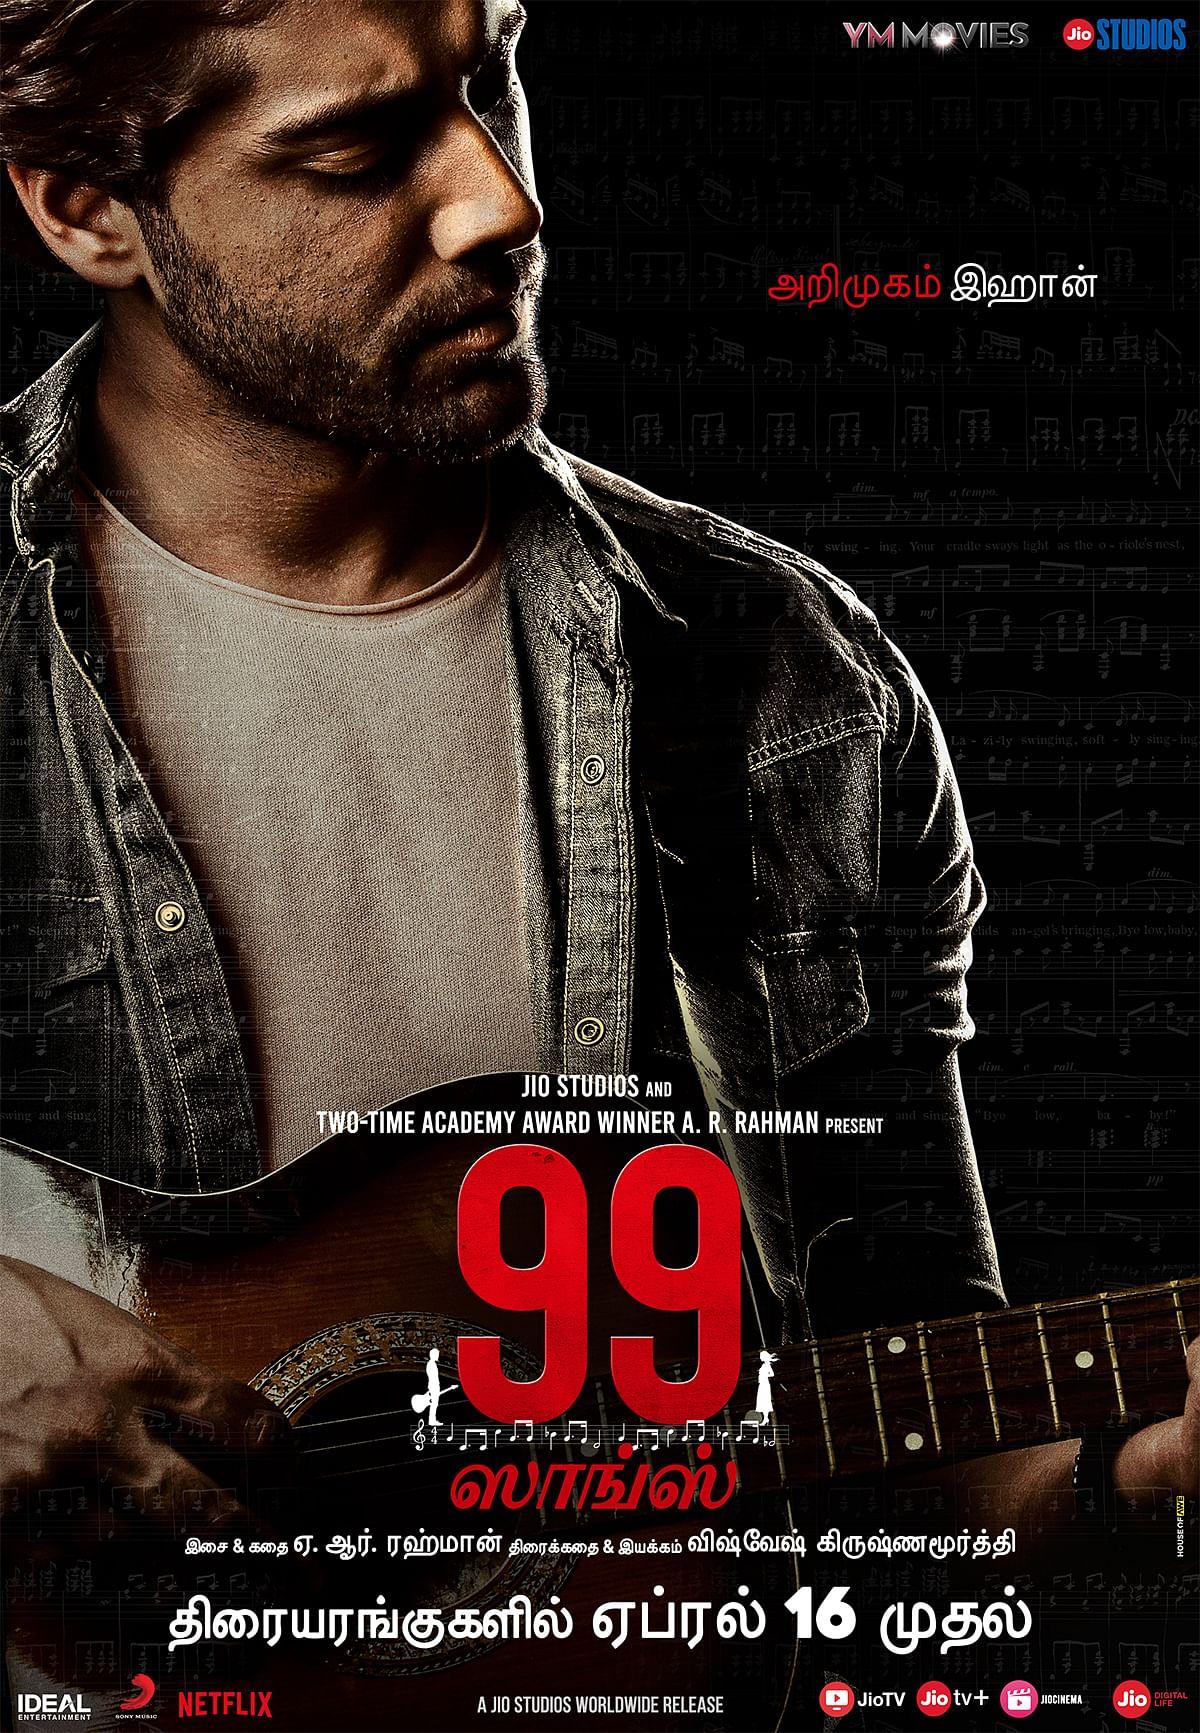 99 ஸாங்ஸ்